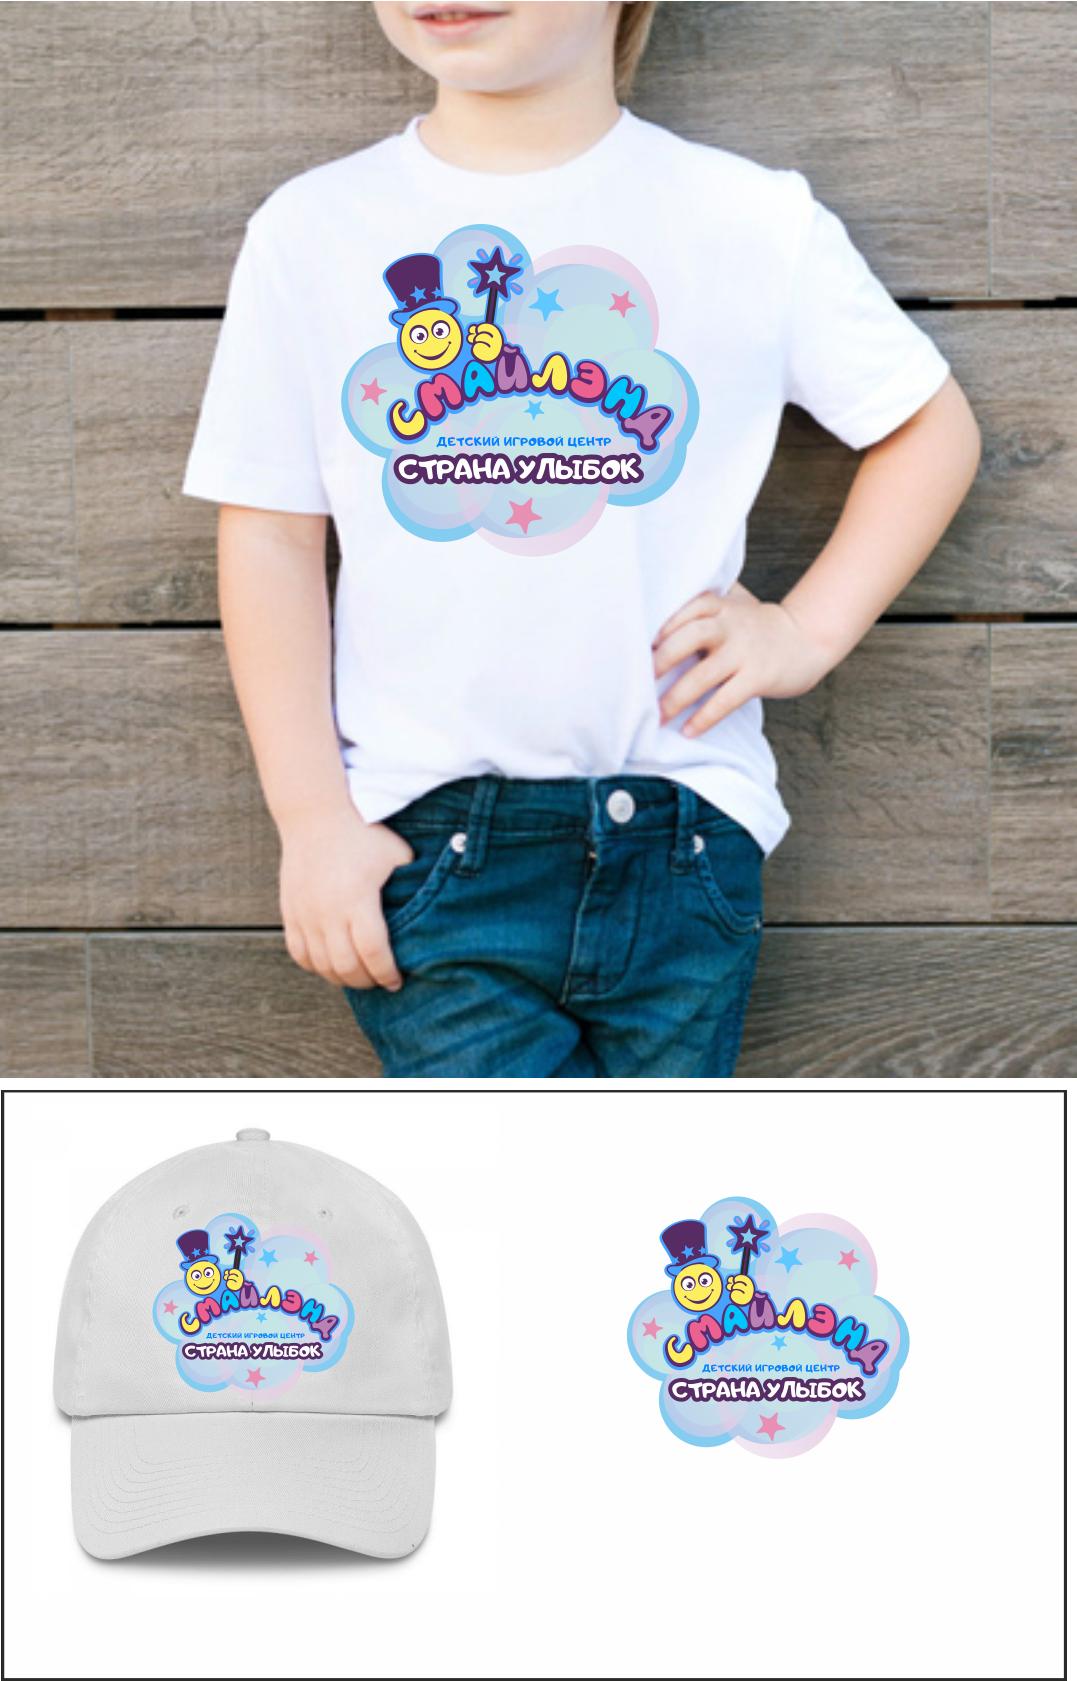 Логотип, стиль для детского игрового центра. фото f_7205a46e0335a050.png